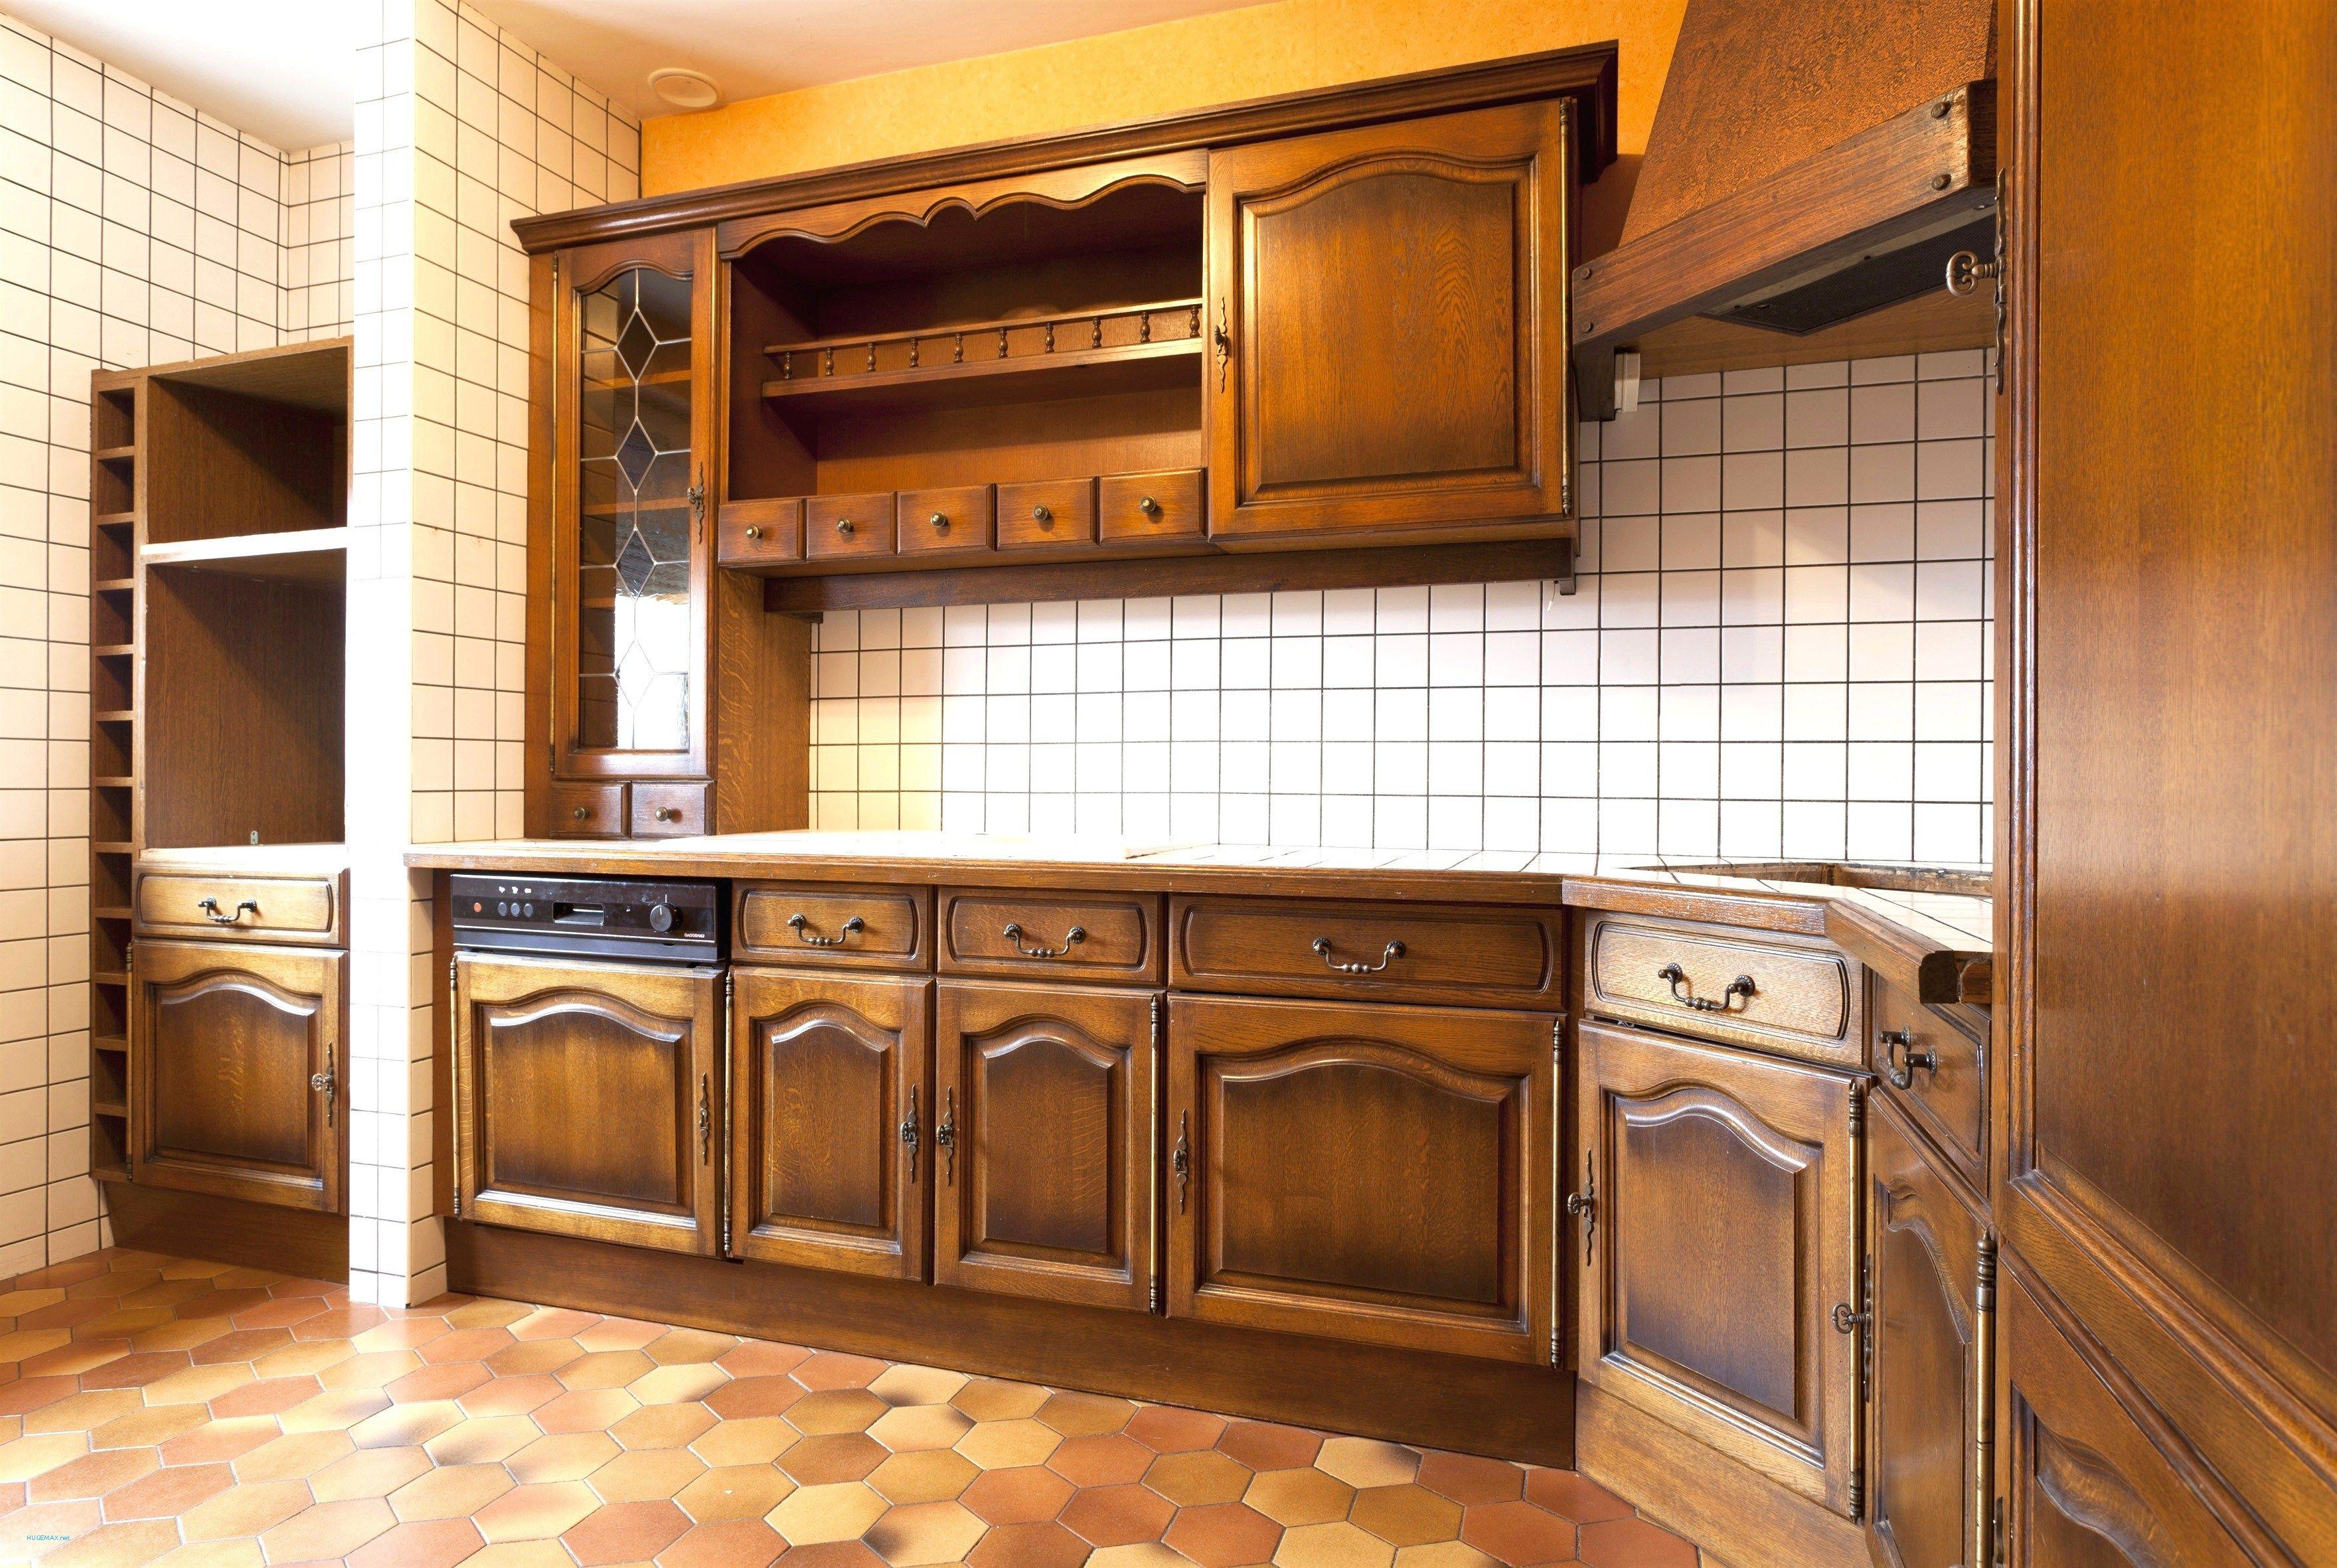 Lovely Peinture Renovation Faience V33 Avis Repeindre Meuble Cuisine Peinture Meuble Cuisine Meuble Cuisine